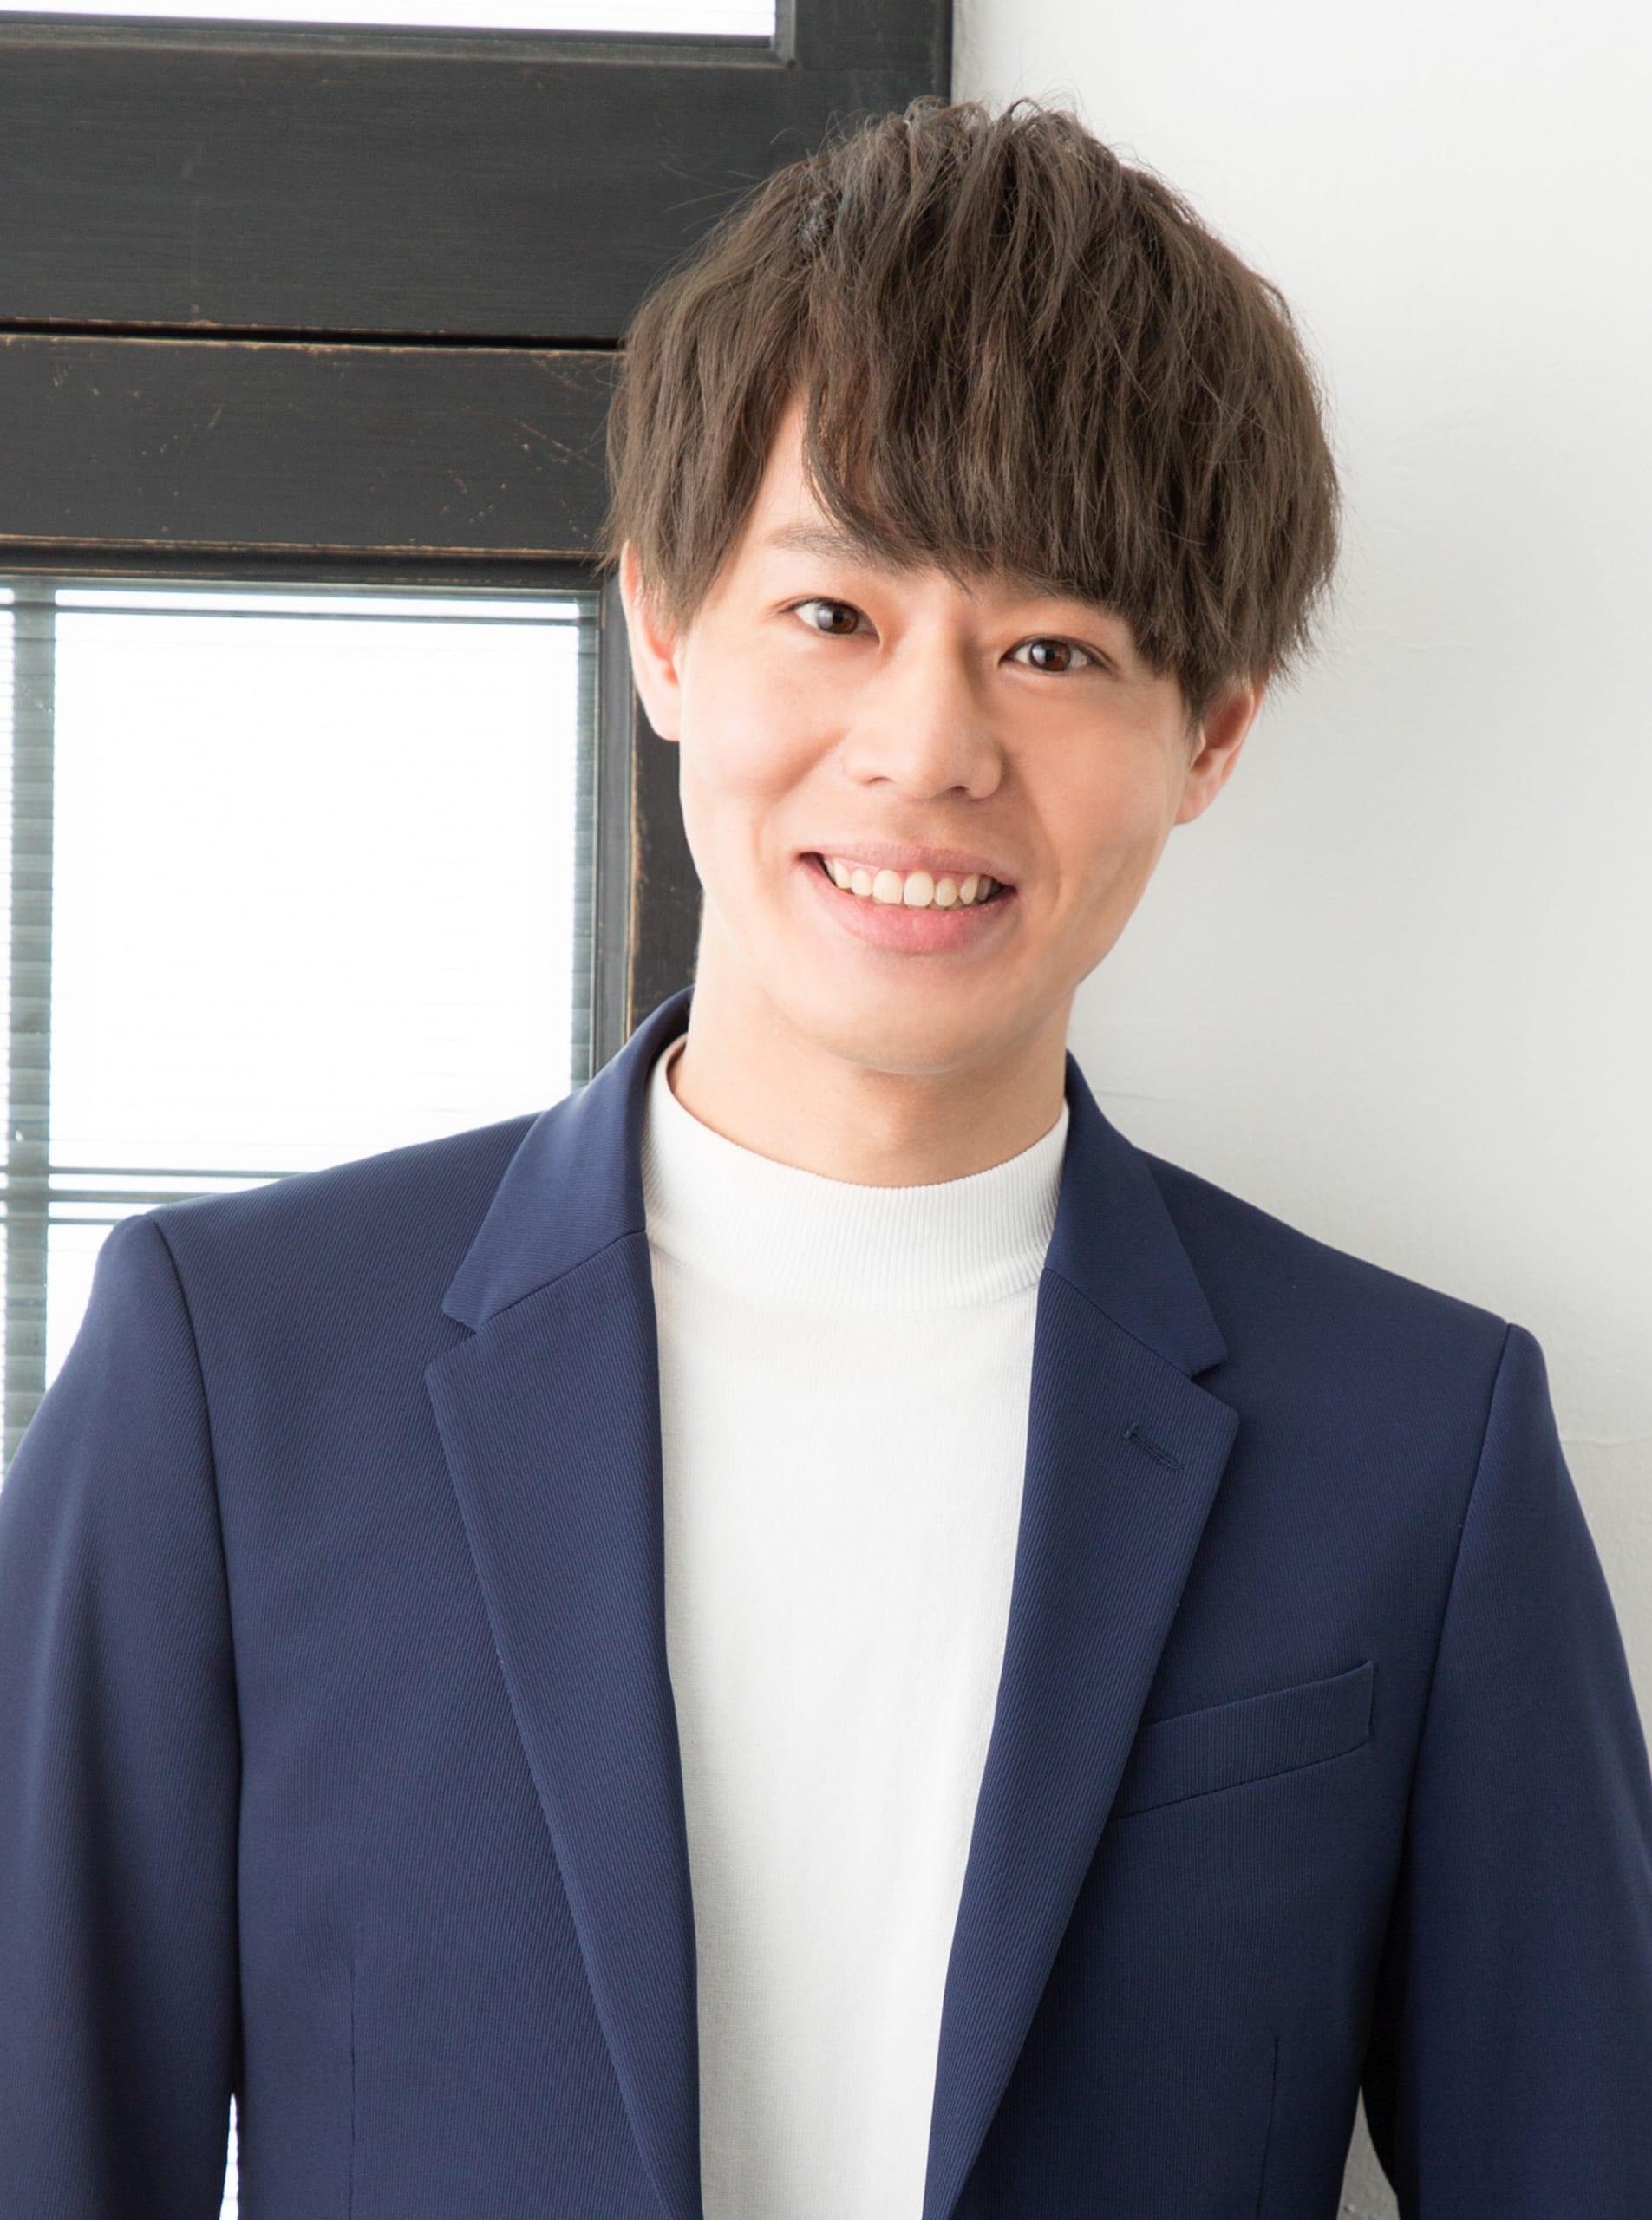 声優・神尾晋一郎さん